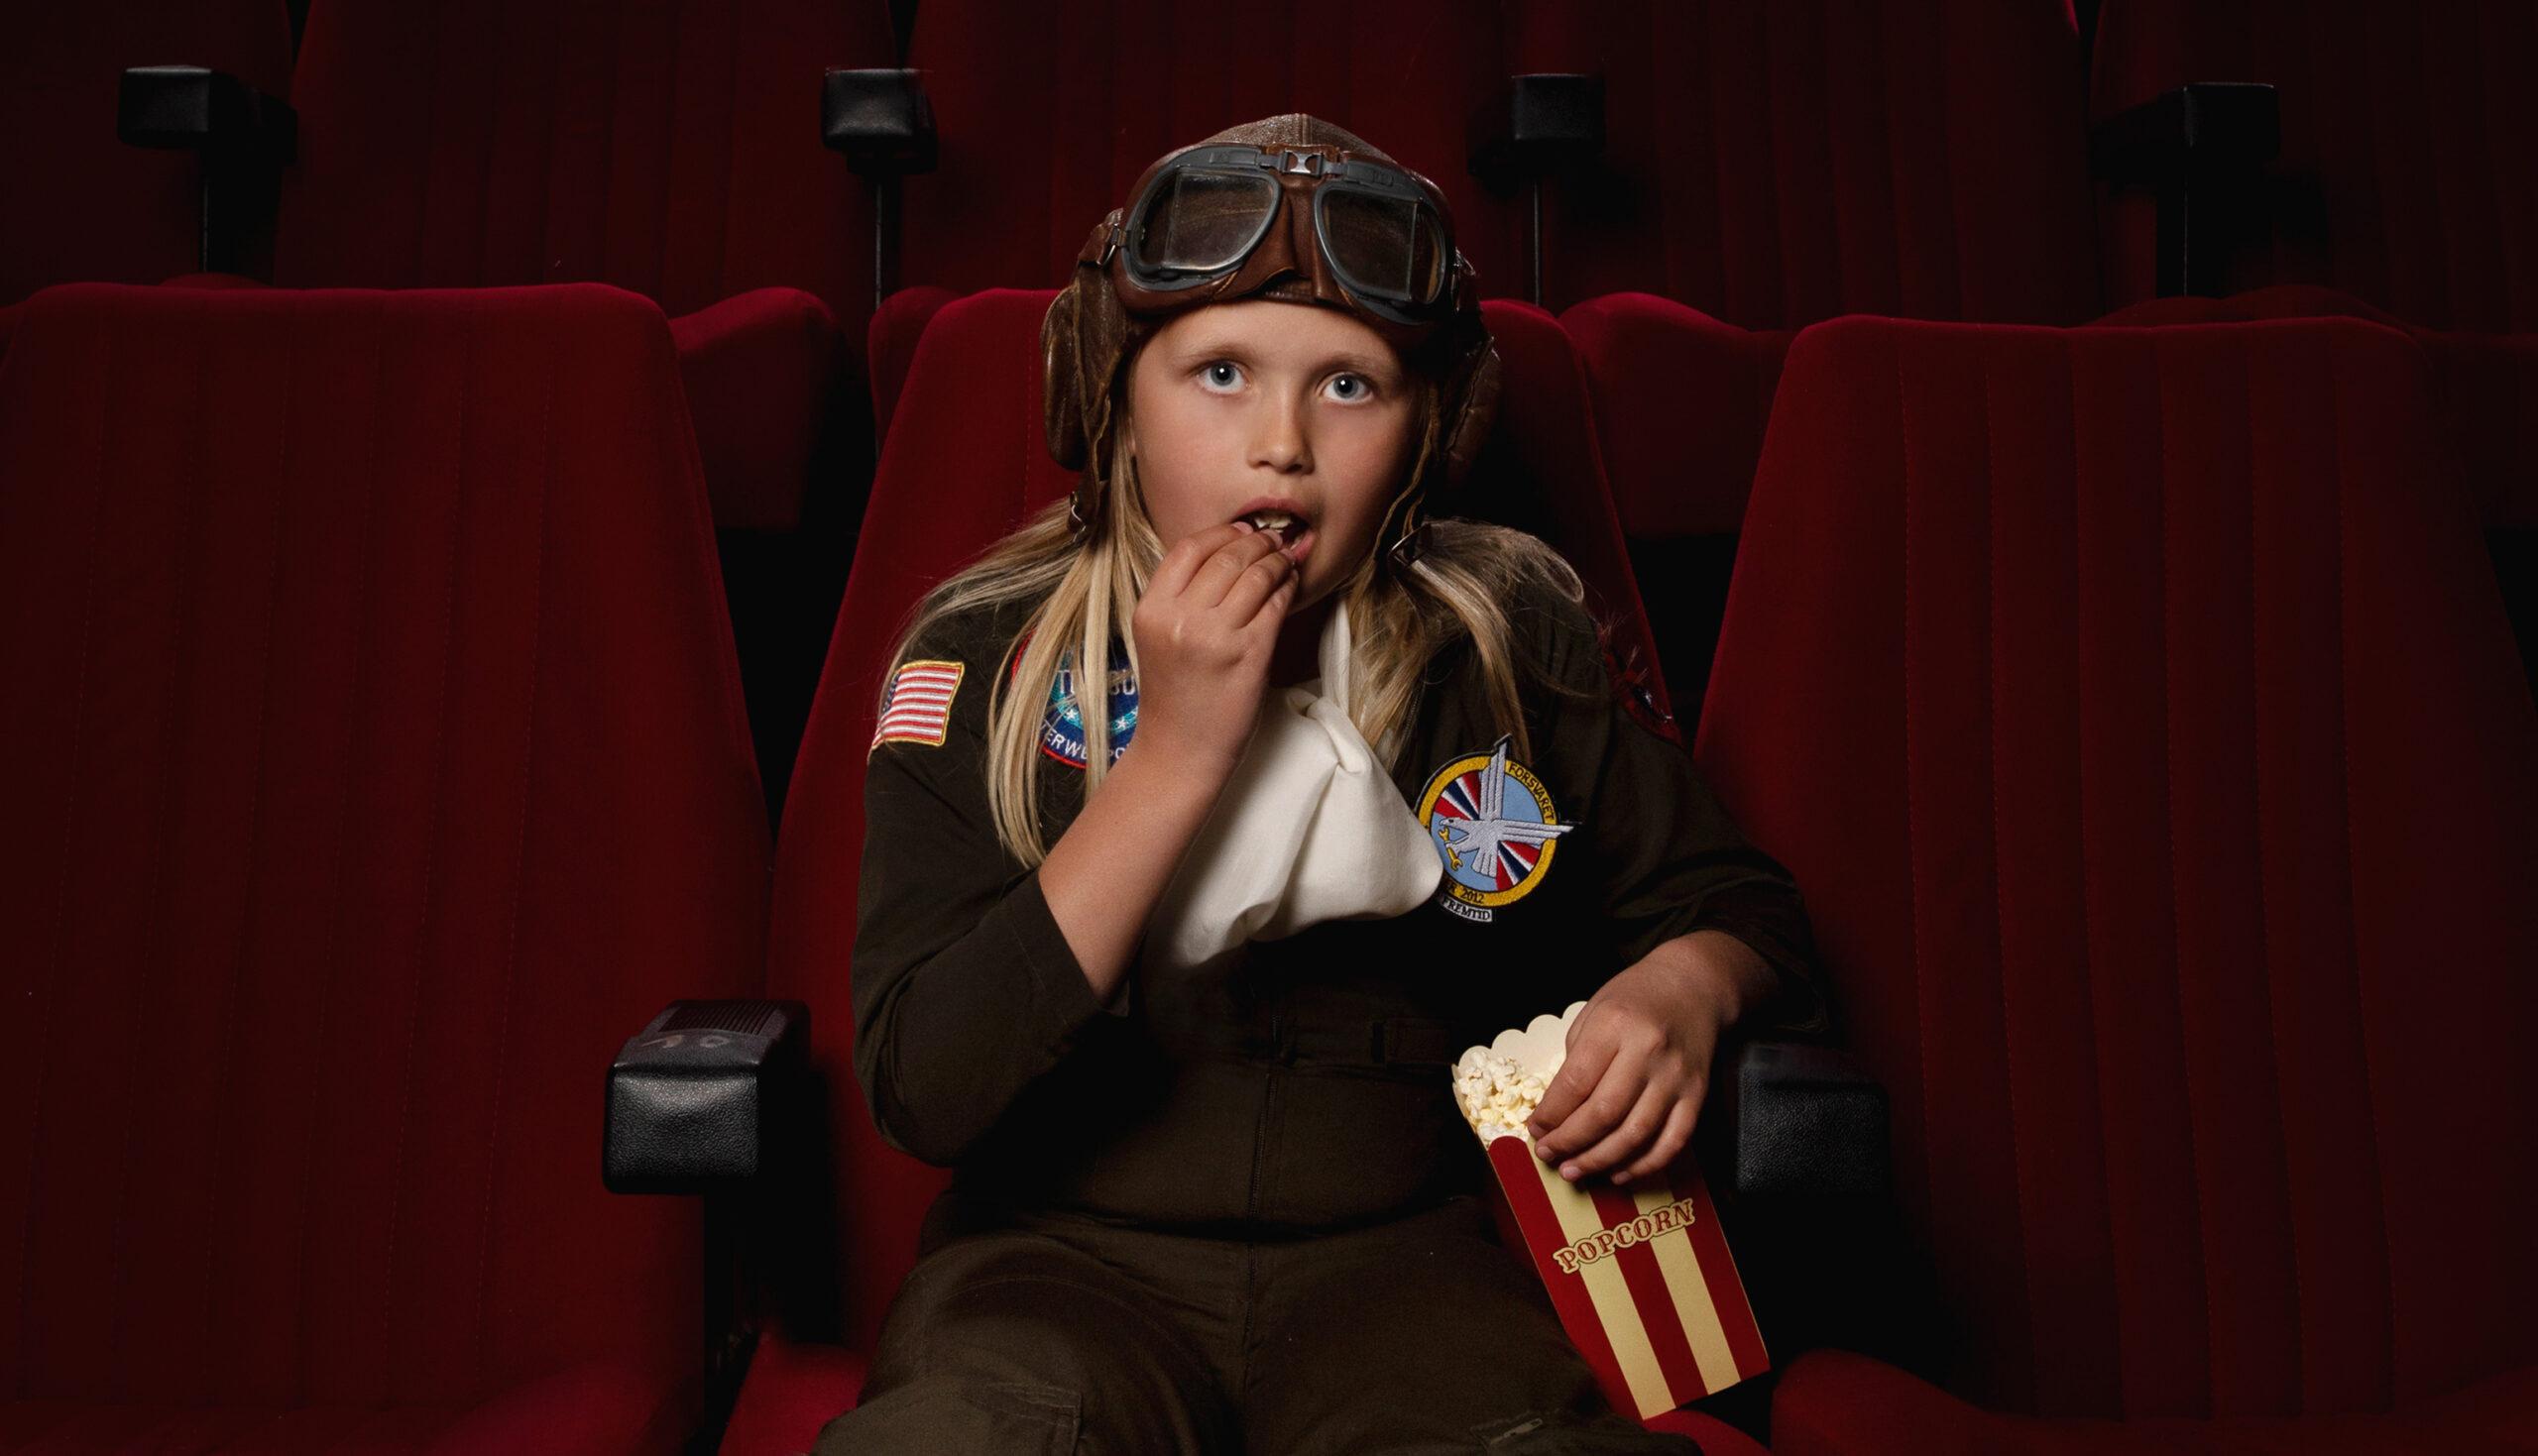 Bilde av jente i pilotdrakt som spiser popcorn i en kinosal